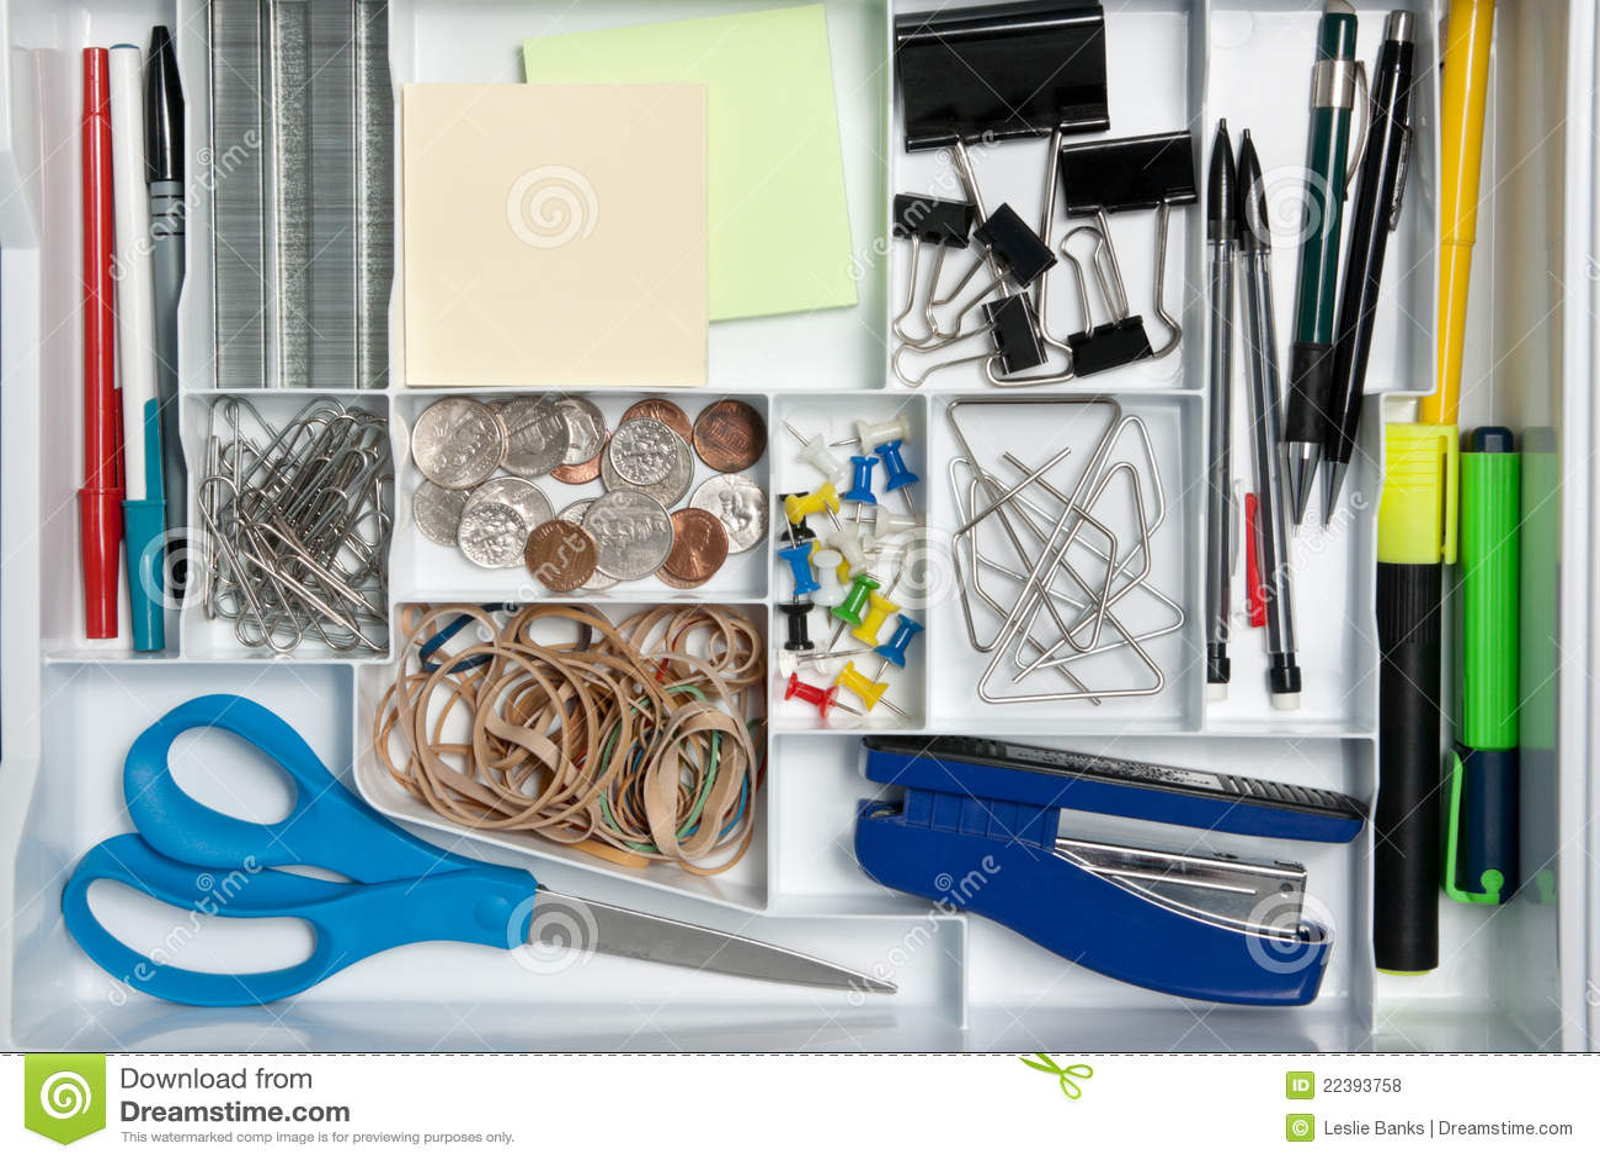 Office supplies in a desk organizer